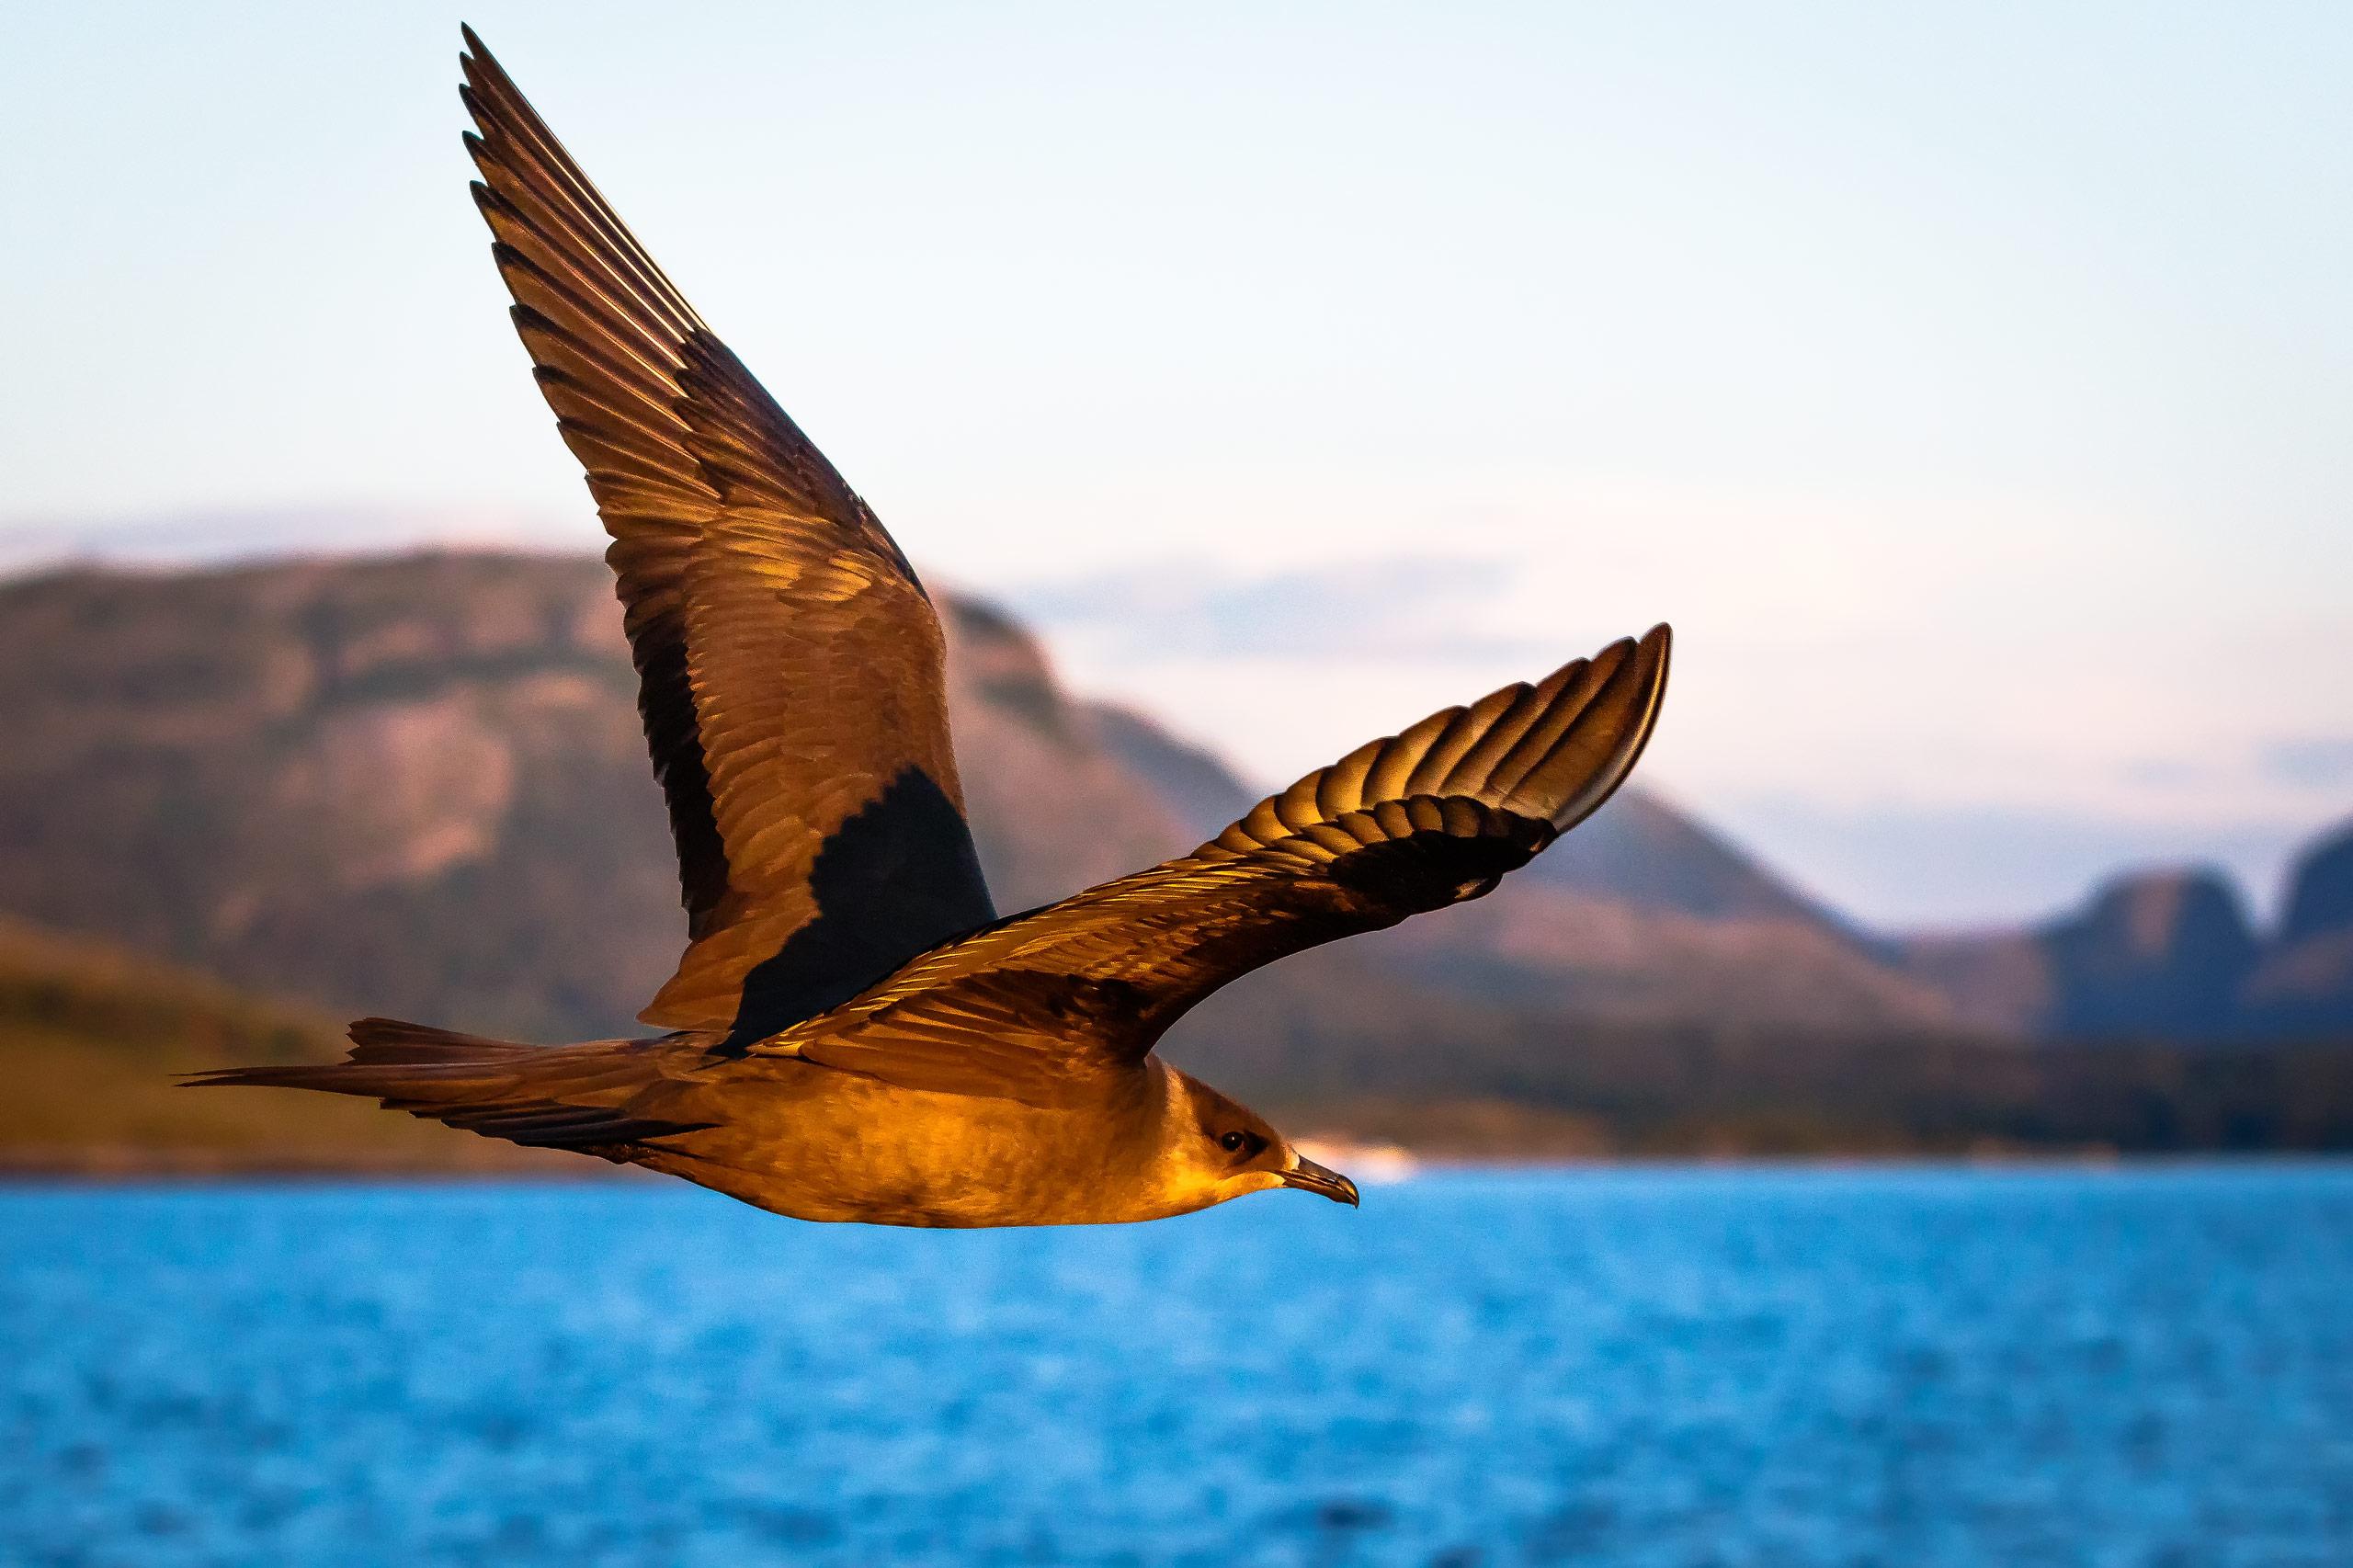 Tom_Schueler_Fotografie_Wildlife_Birds_20